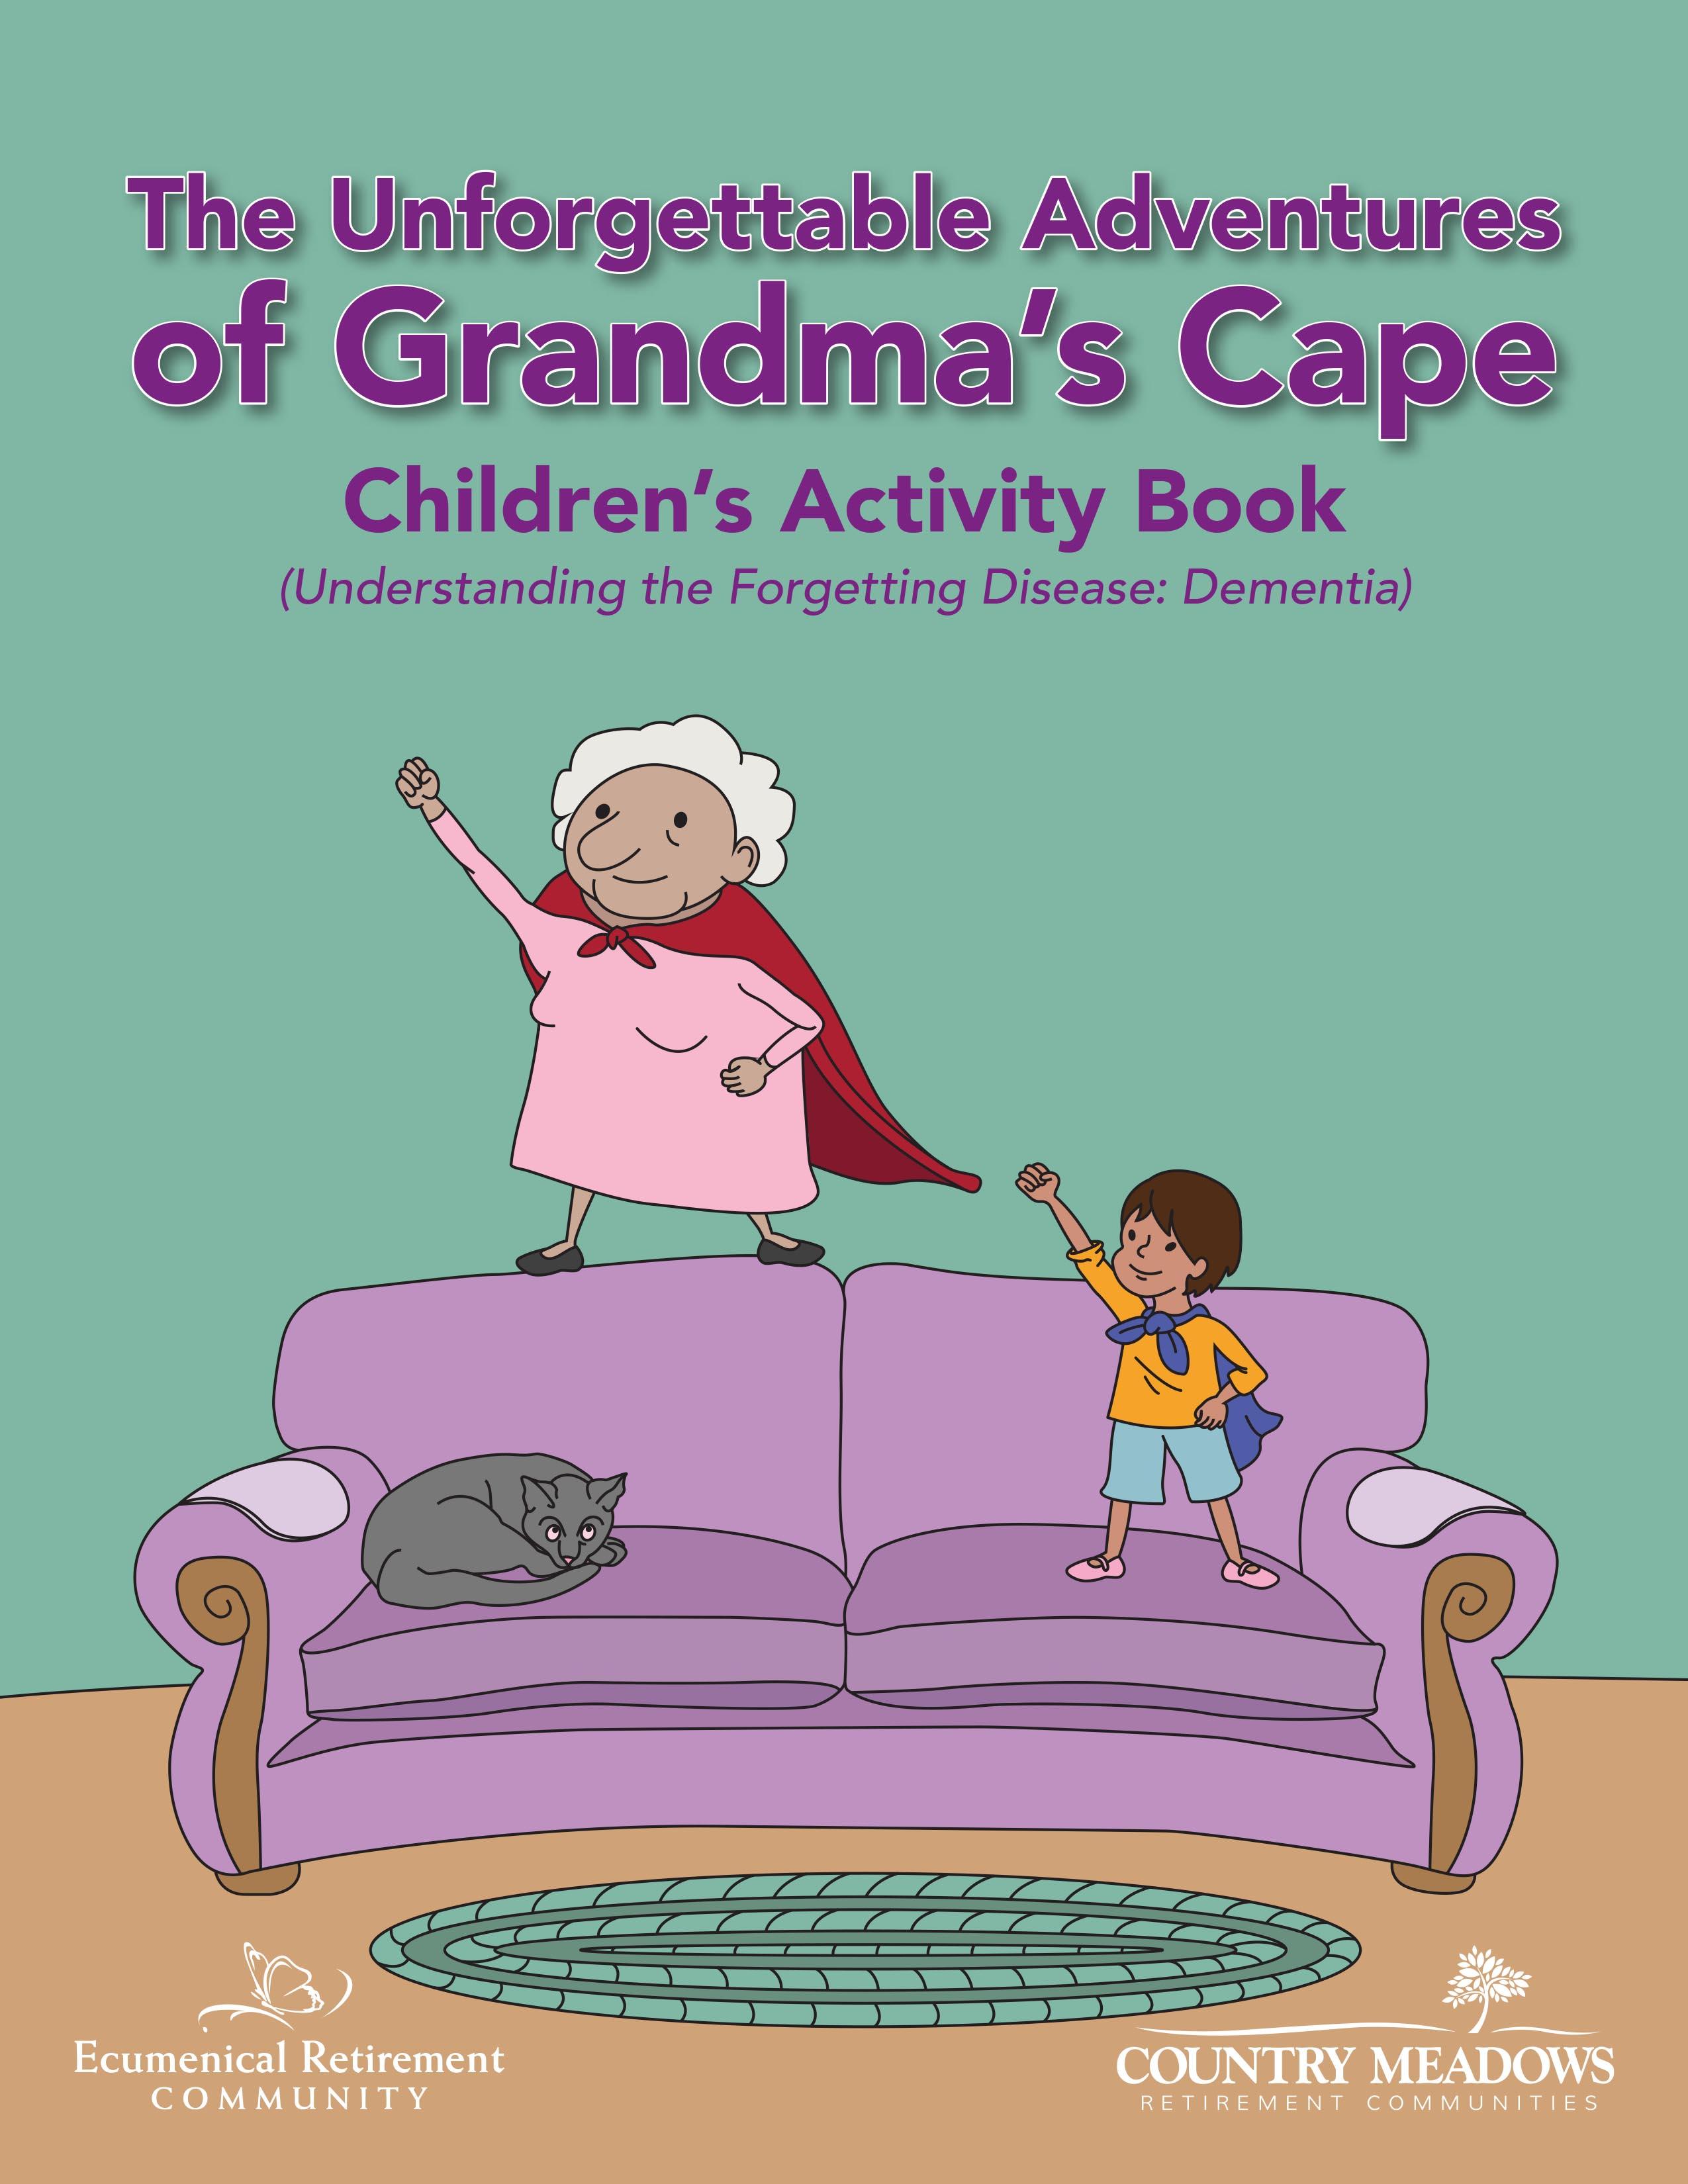 Childrens_Activity_Book-1.jpg